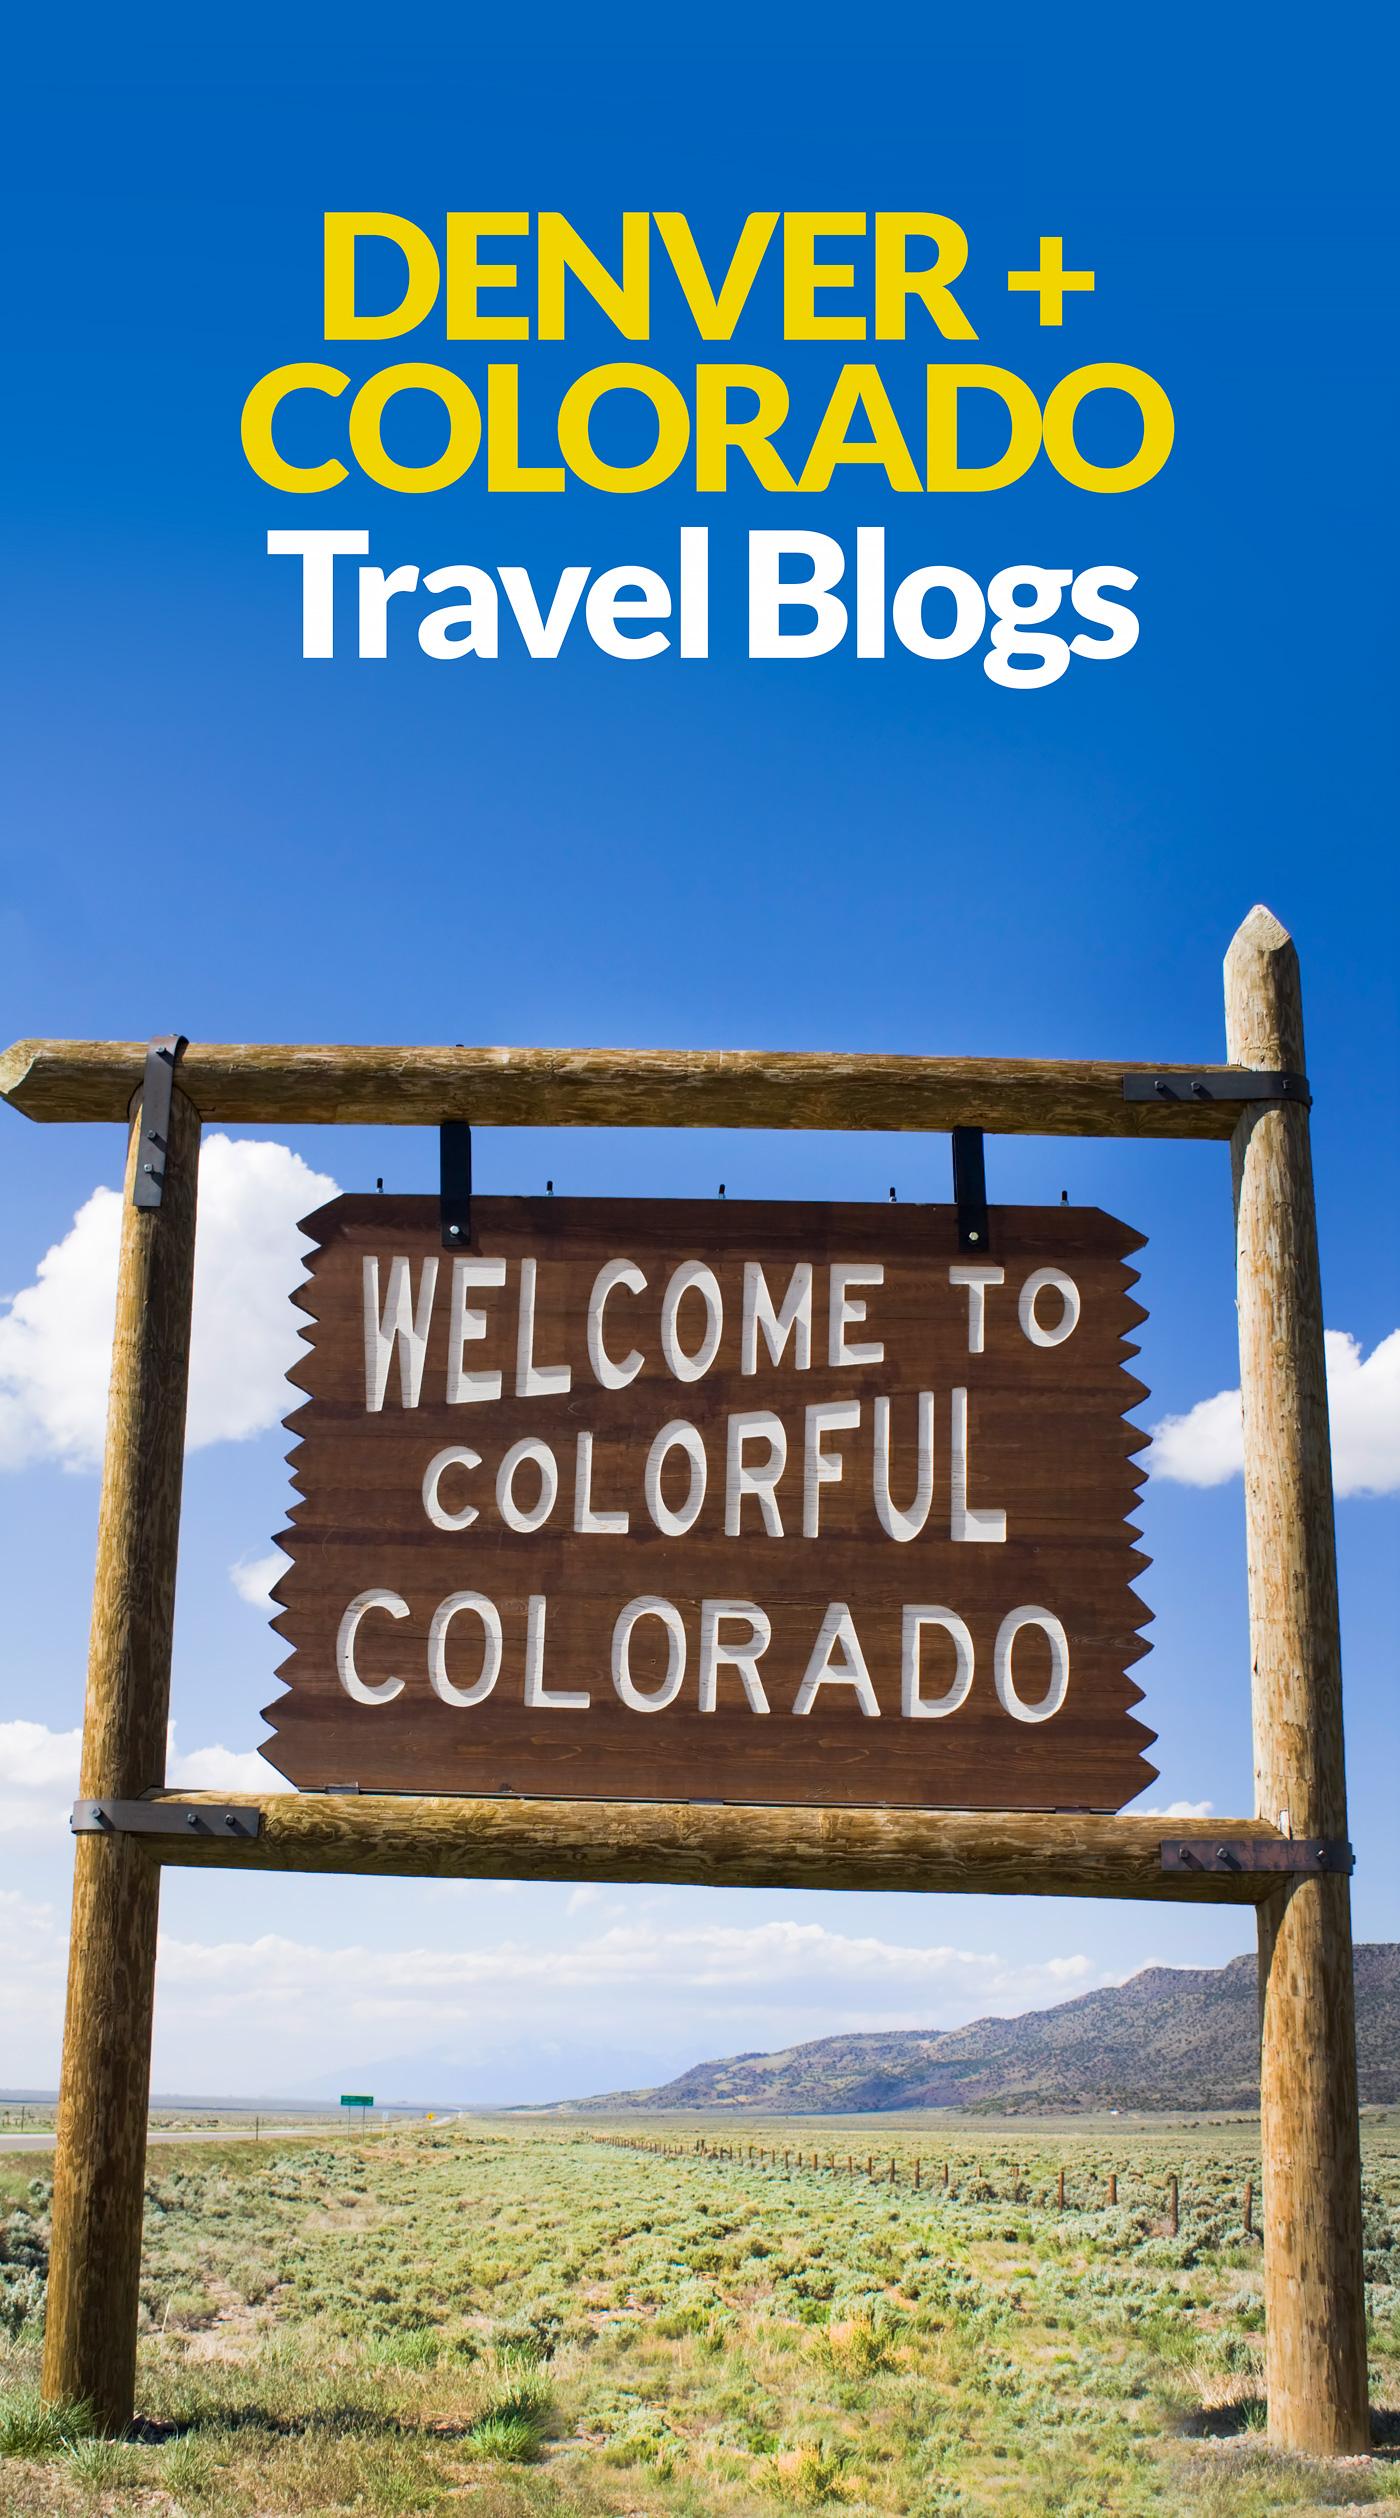 Travel Bloggers - List of Denver and Colorado Travel Blogs